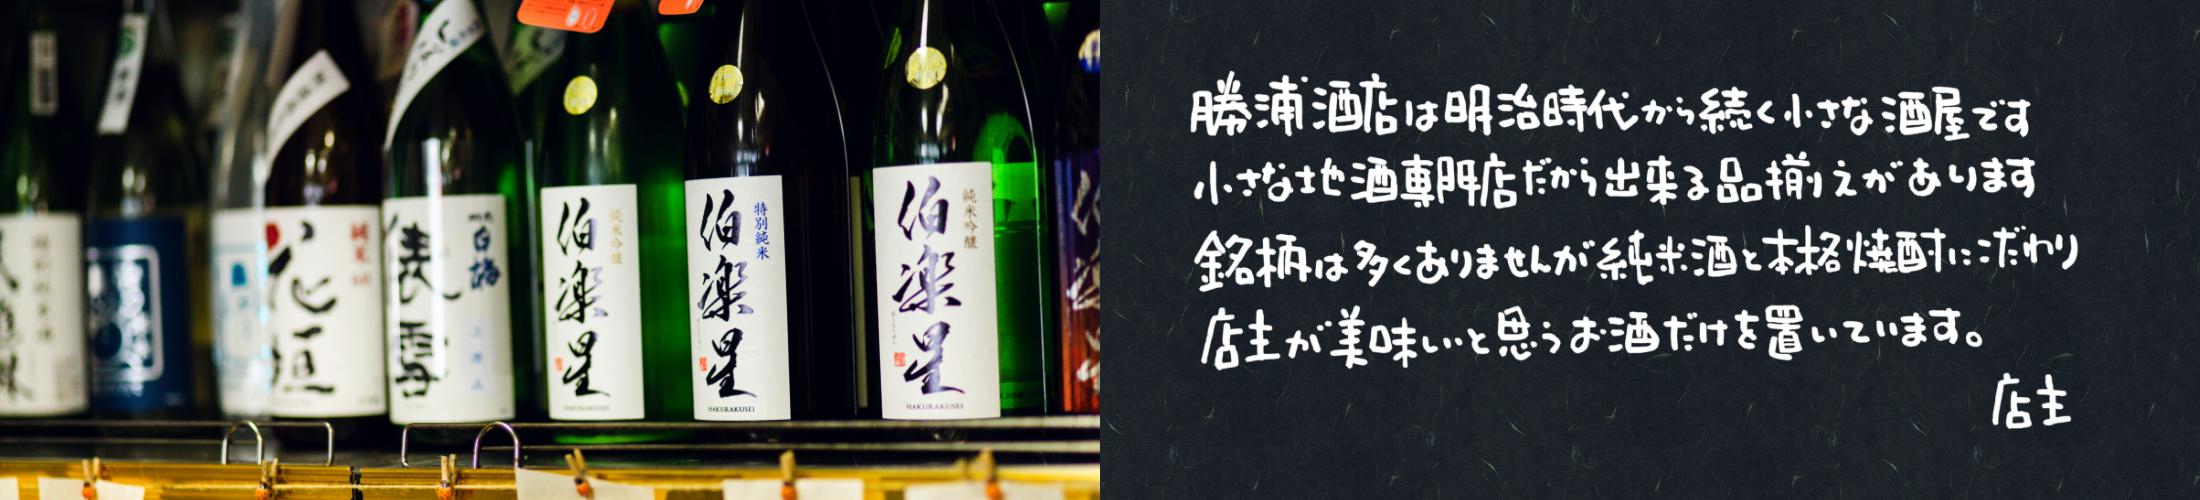 勝浦酒店は明治時代から続く小さな酒屋です。小さな地酒専門店だから出来る品揃えがあります。銘柄は多くありませんが純米酒と本格焼酎にこだわり店主が美味しいと思うお酒だけをおいています。